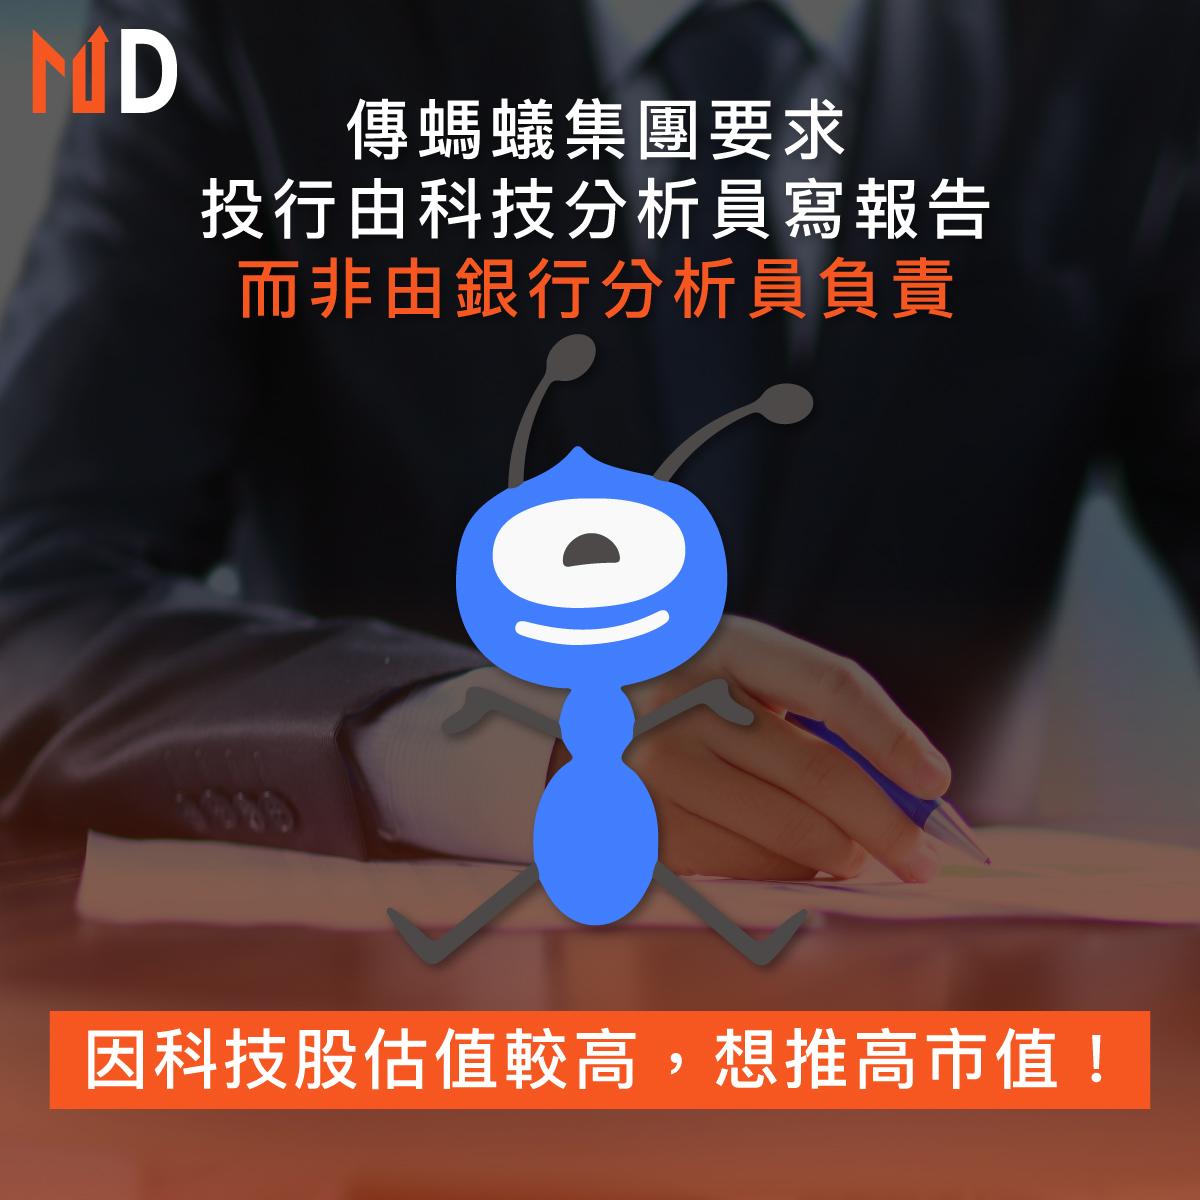 【重點新股】傳螞蟻集團要求投行由科技分析員寫報告,而非由銀行分析員負責